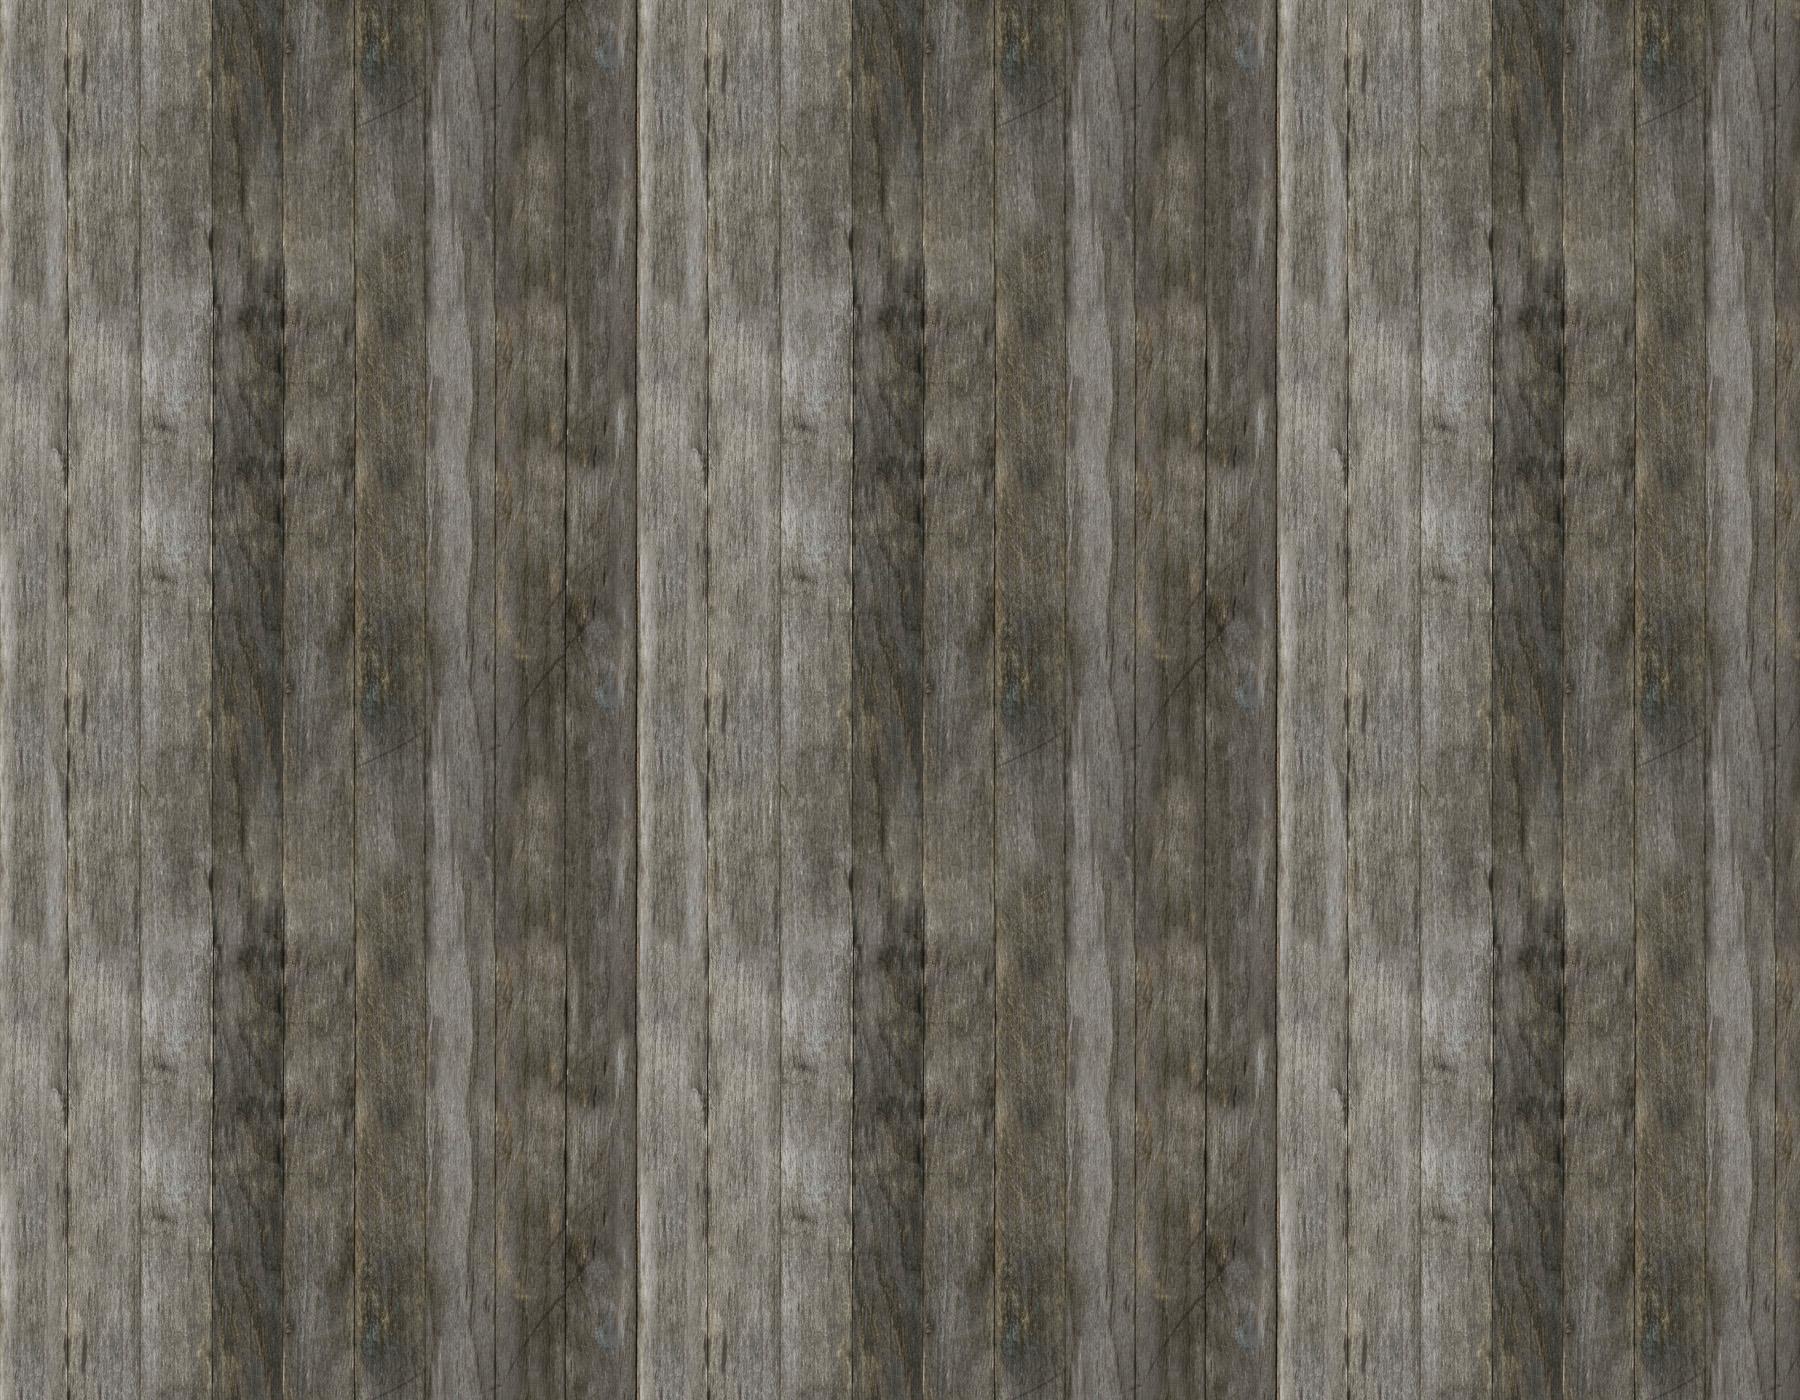 Woodwork2 04